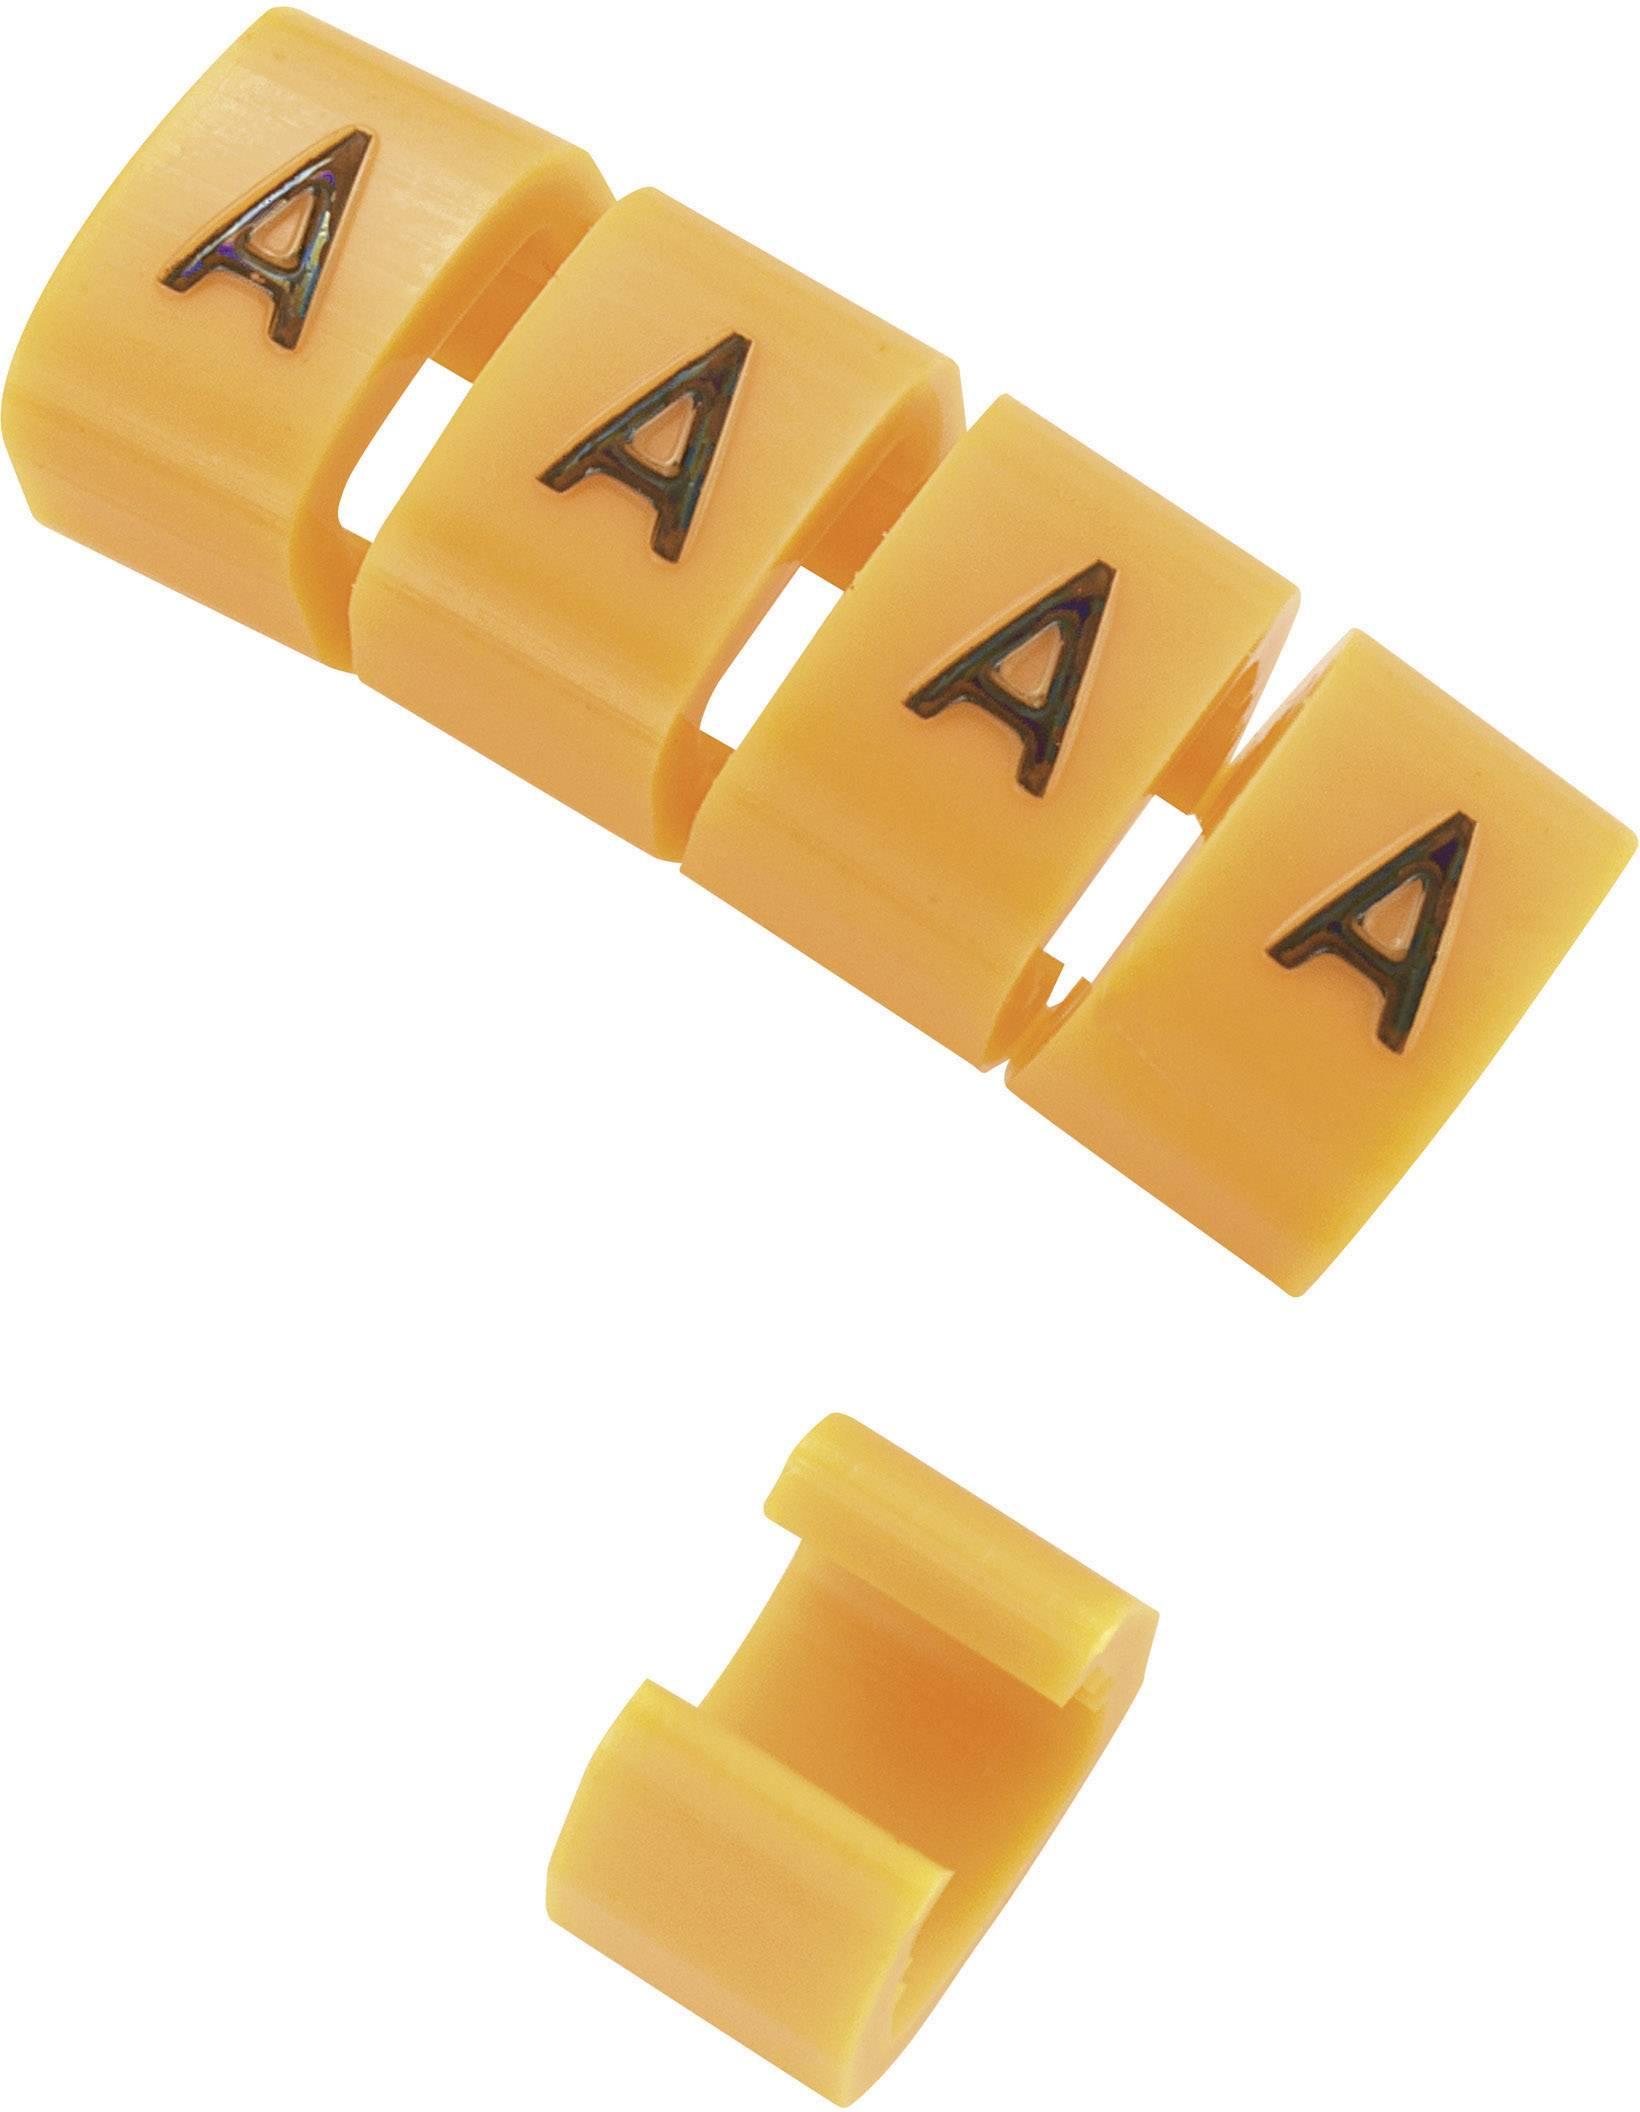 Označovacie objímka na káble KSS MB1/S, oranžová, 10 ks